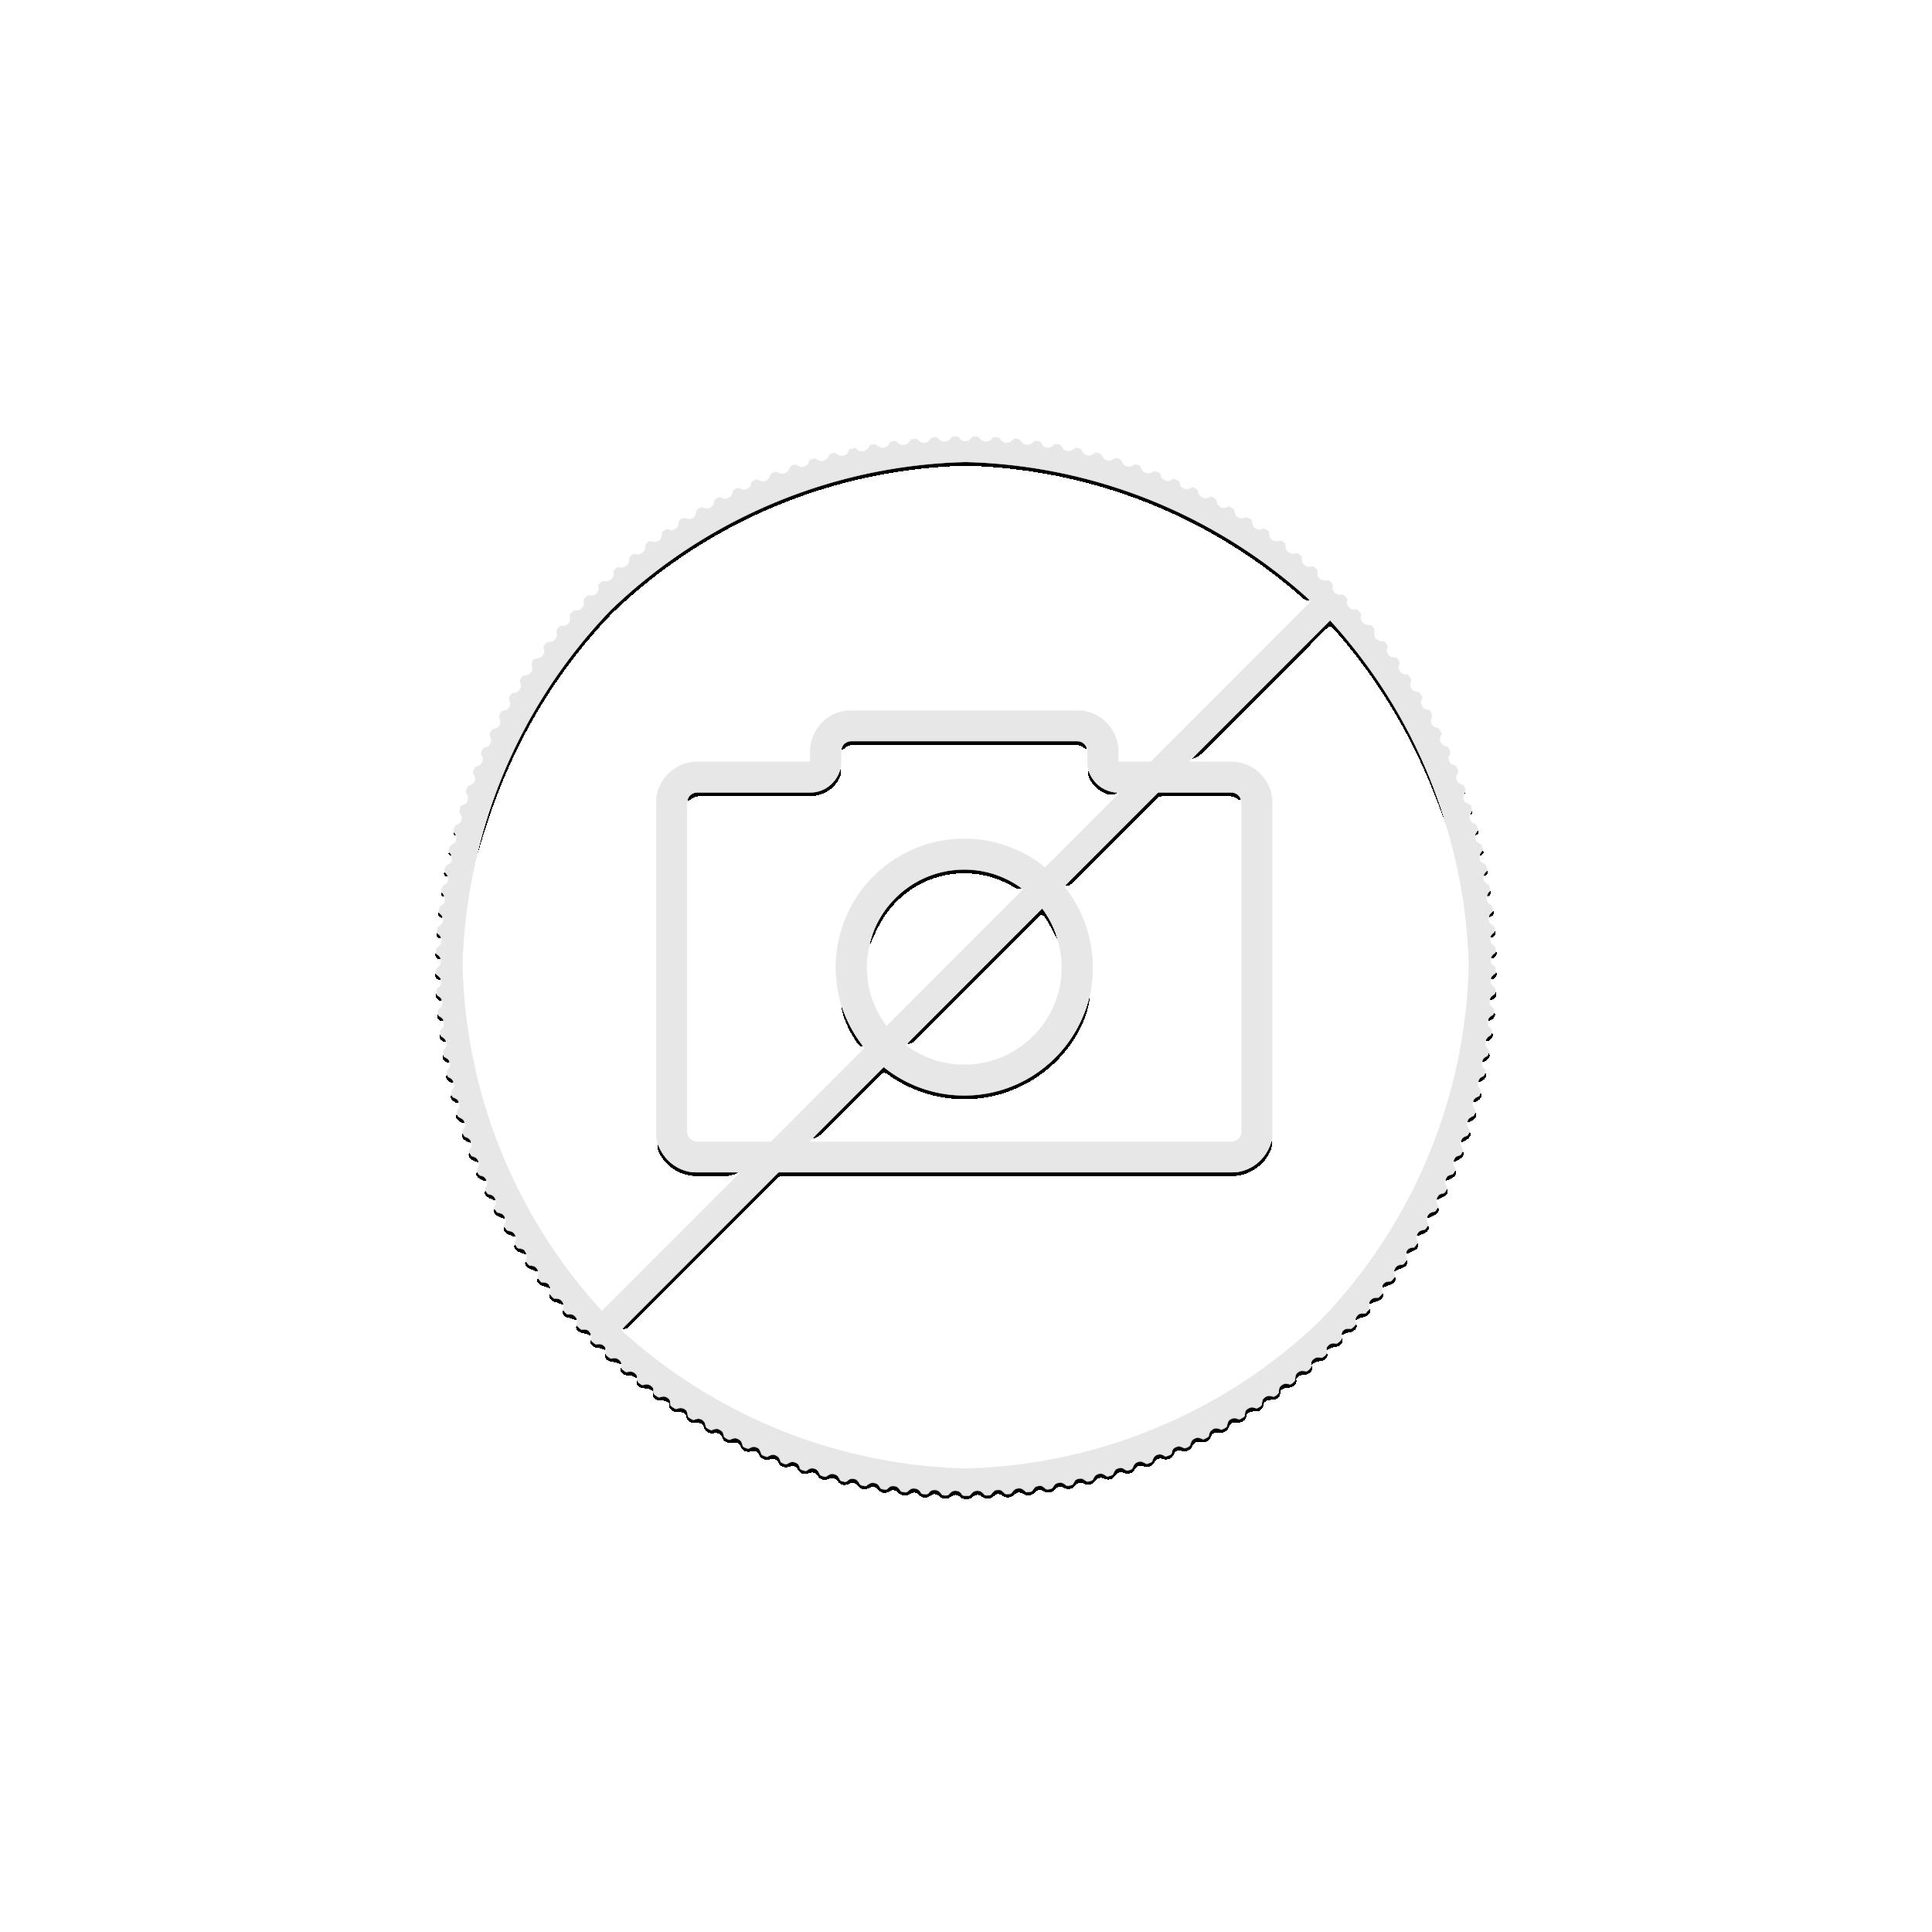 3 Grams gold Panda coin 2017